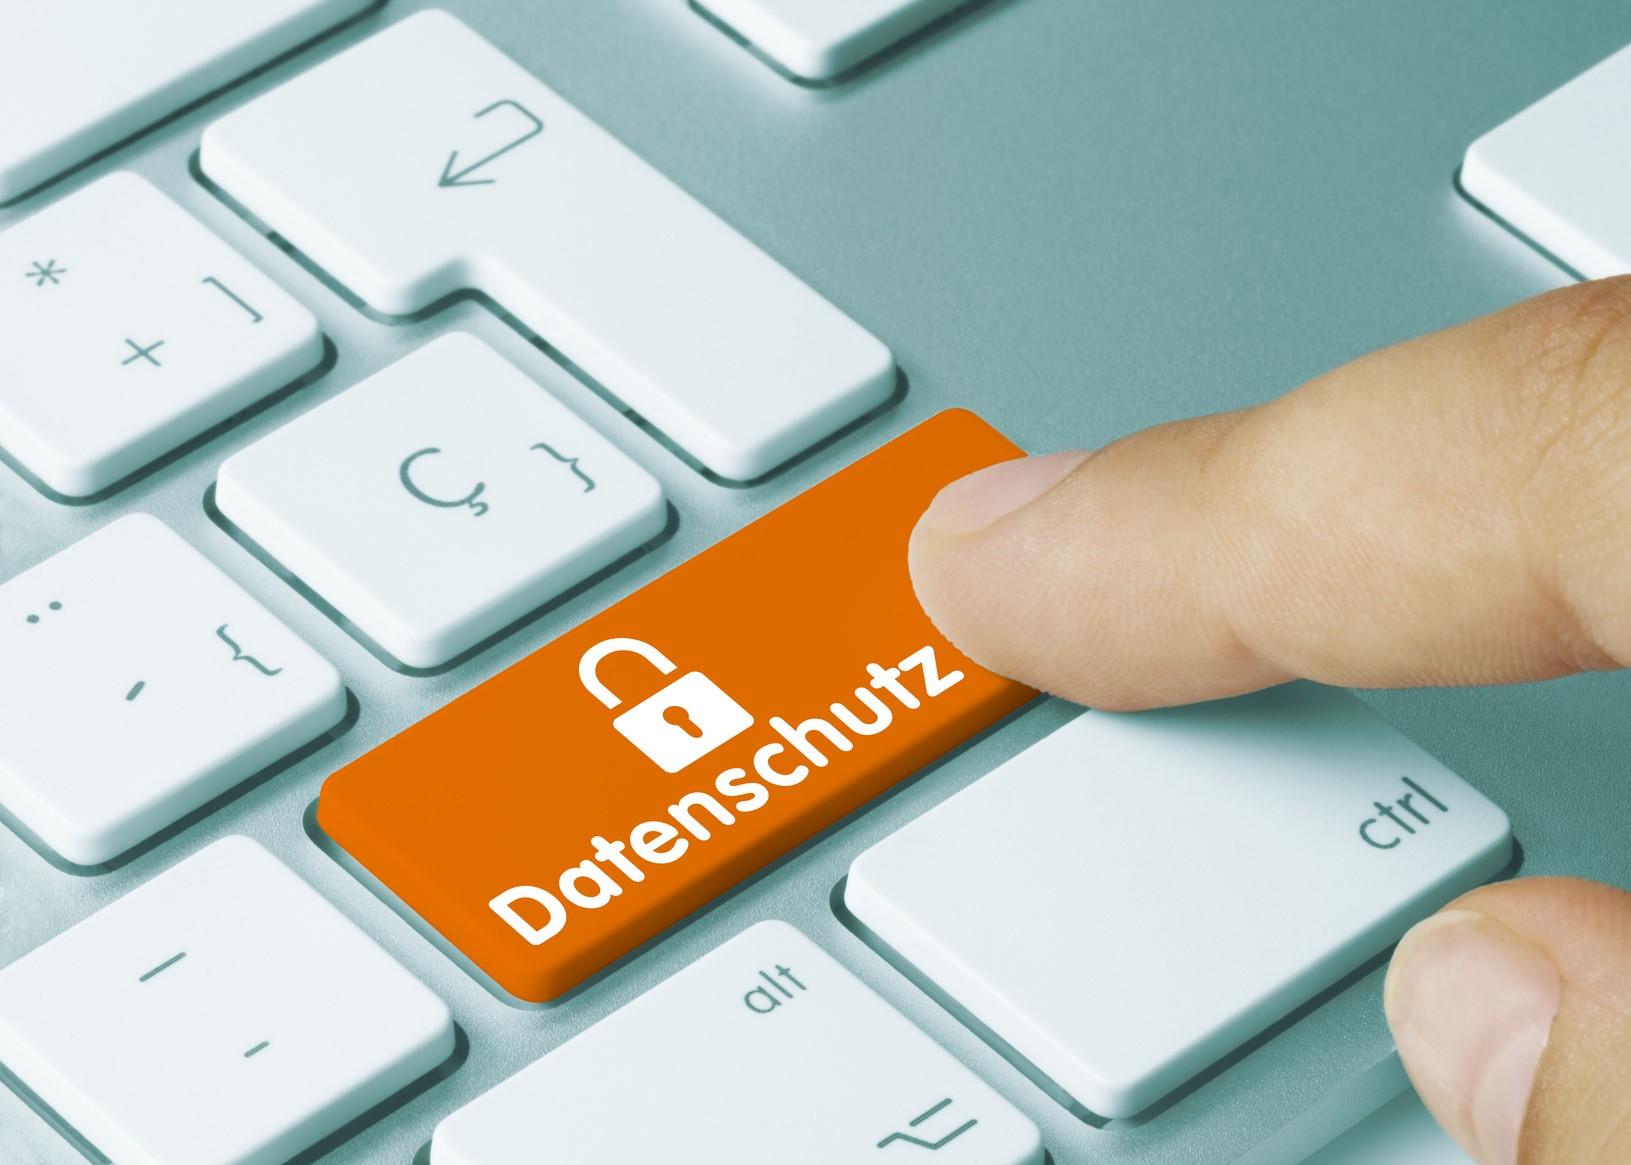 Datenschutzgrundverordnung Es Wird Ernst Wissenskonsil